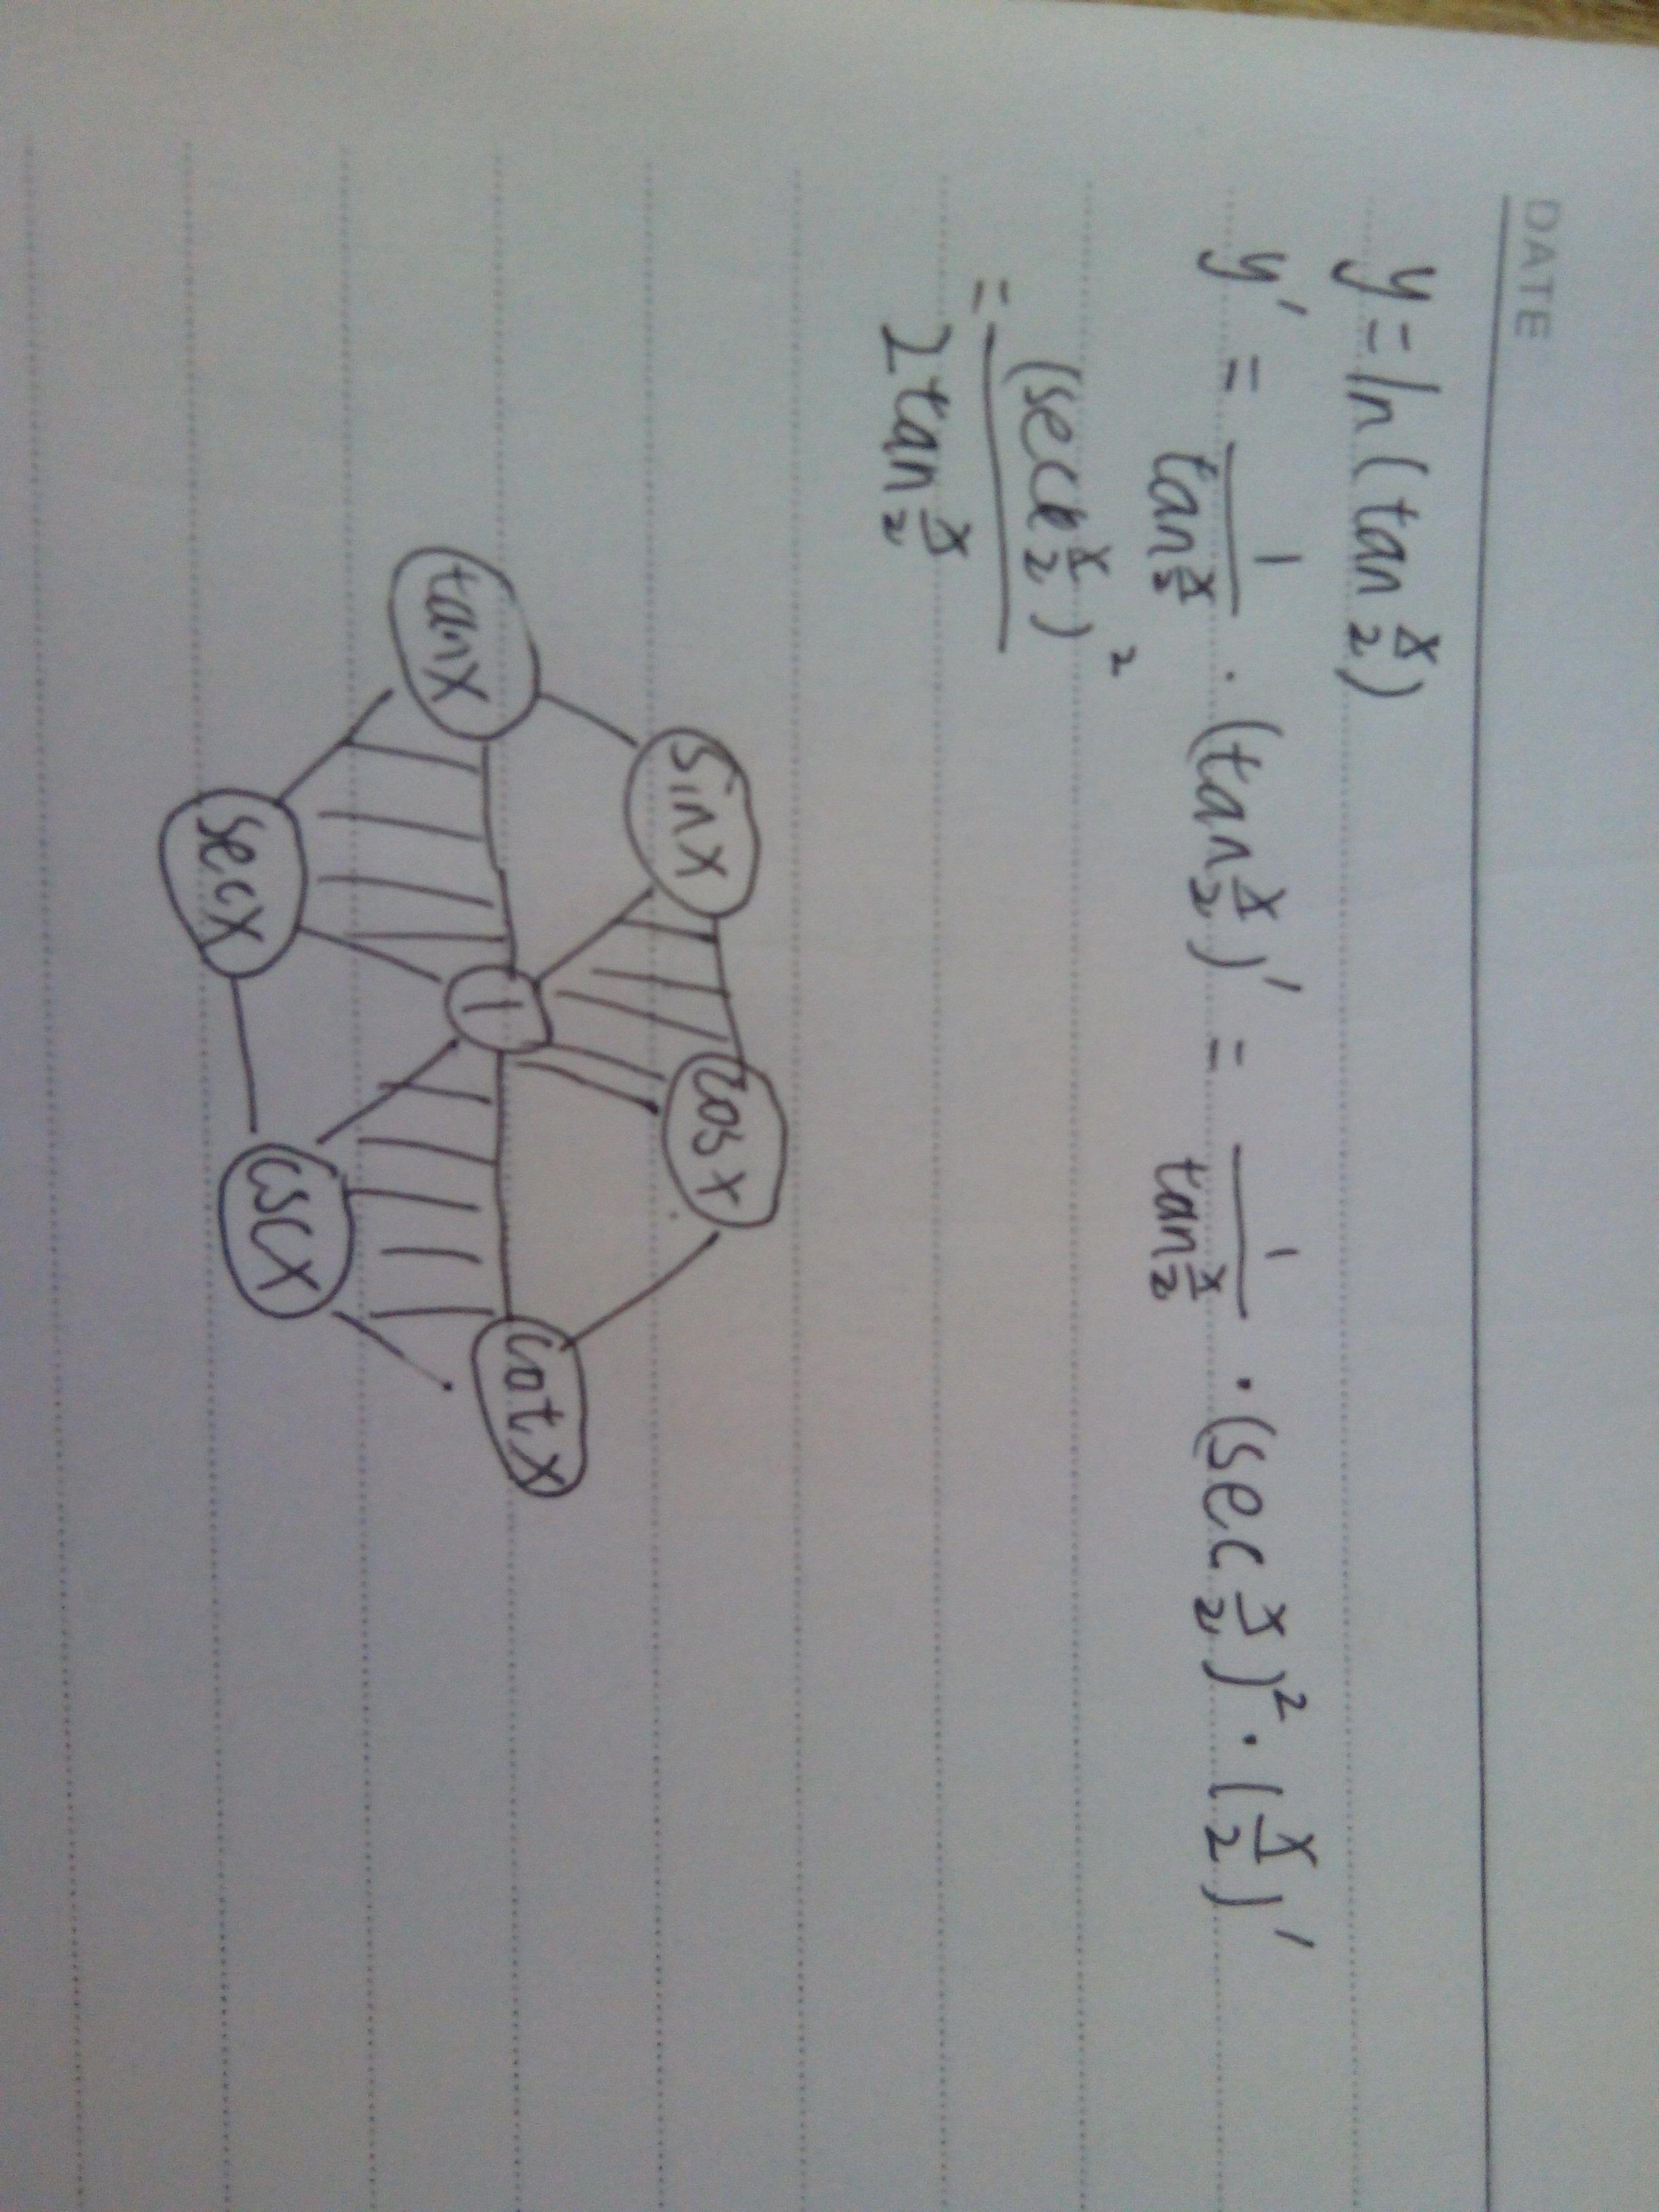 复合余弦函数性质